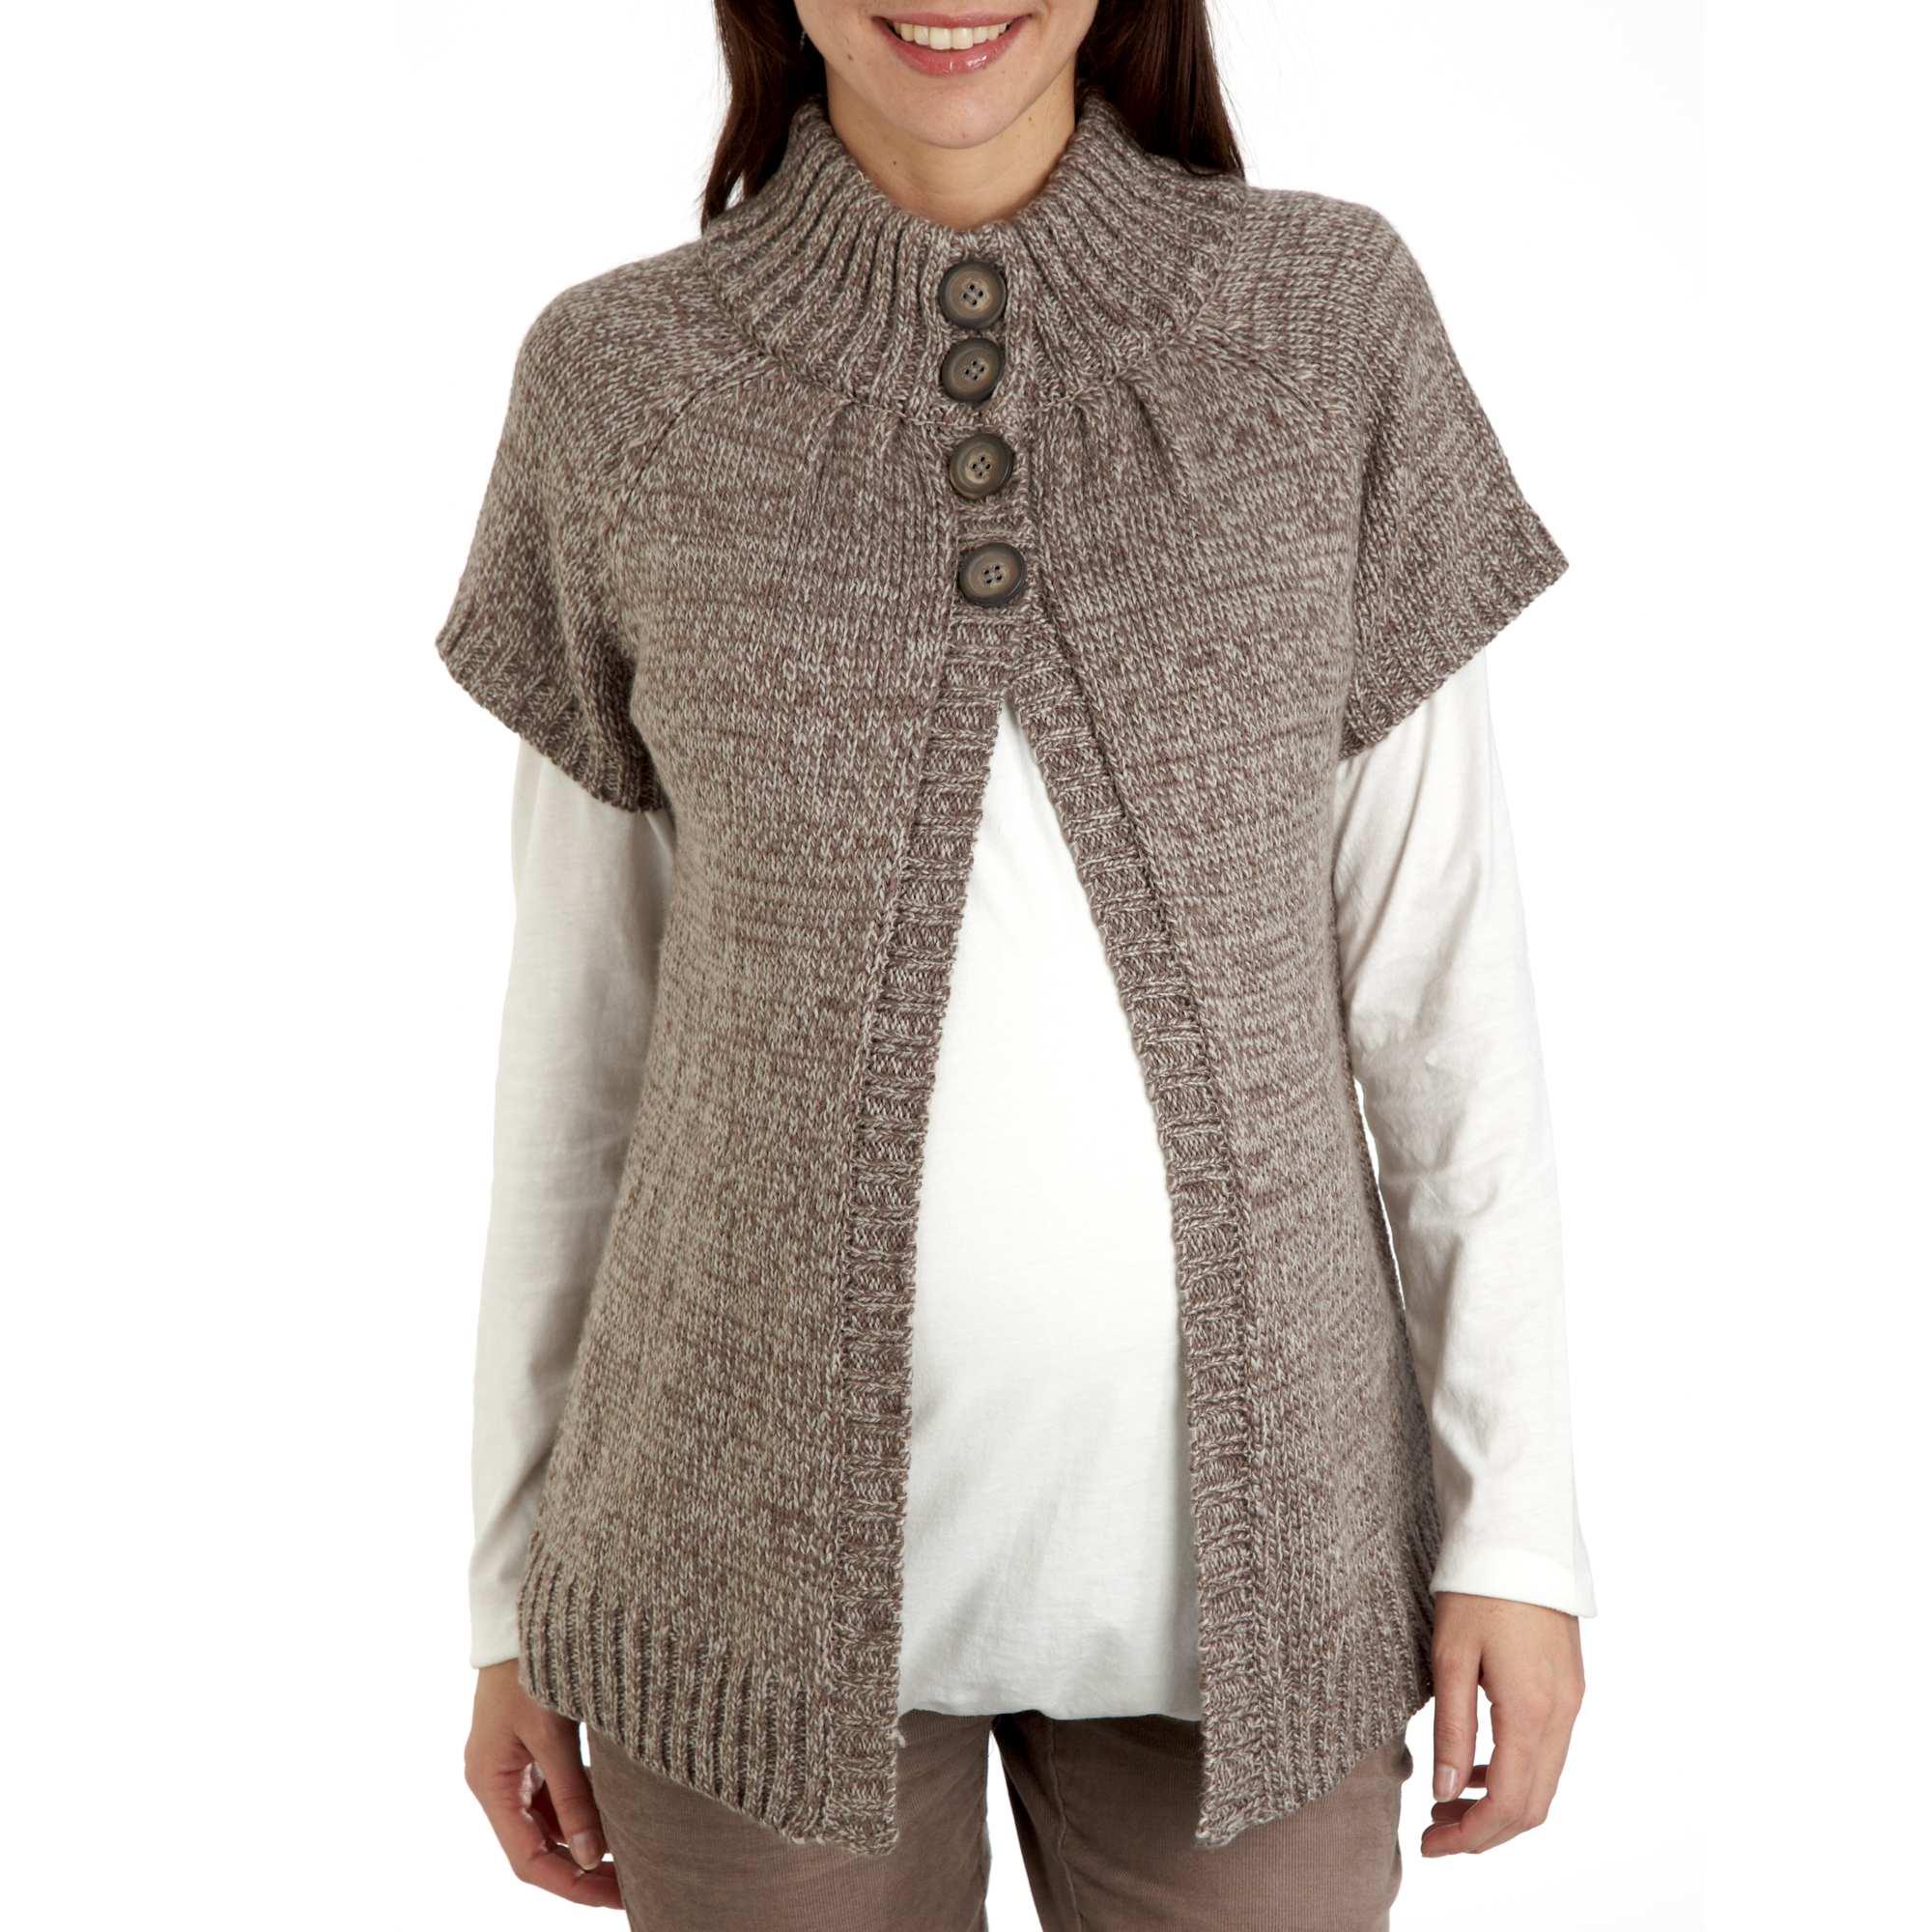 Ropa para embarazadas kiabi